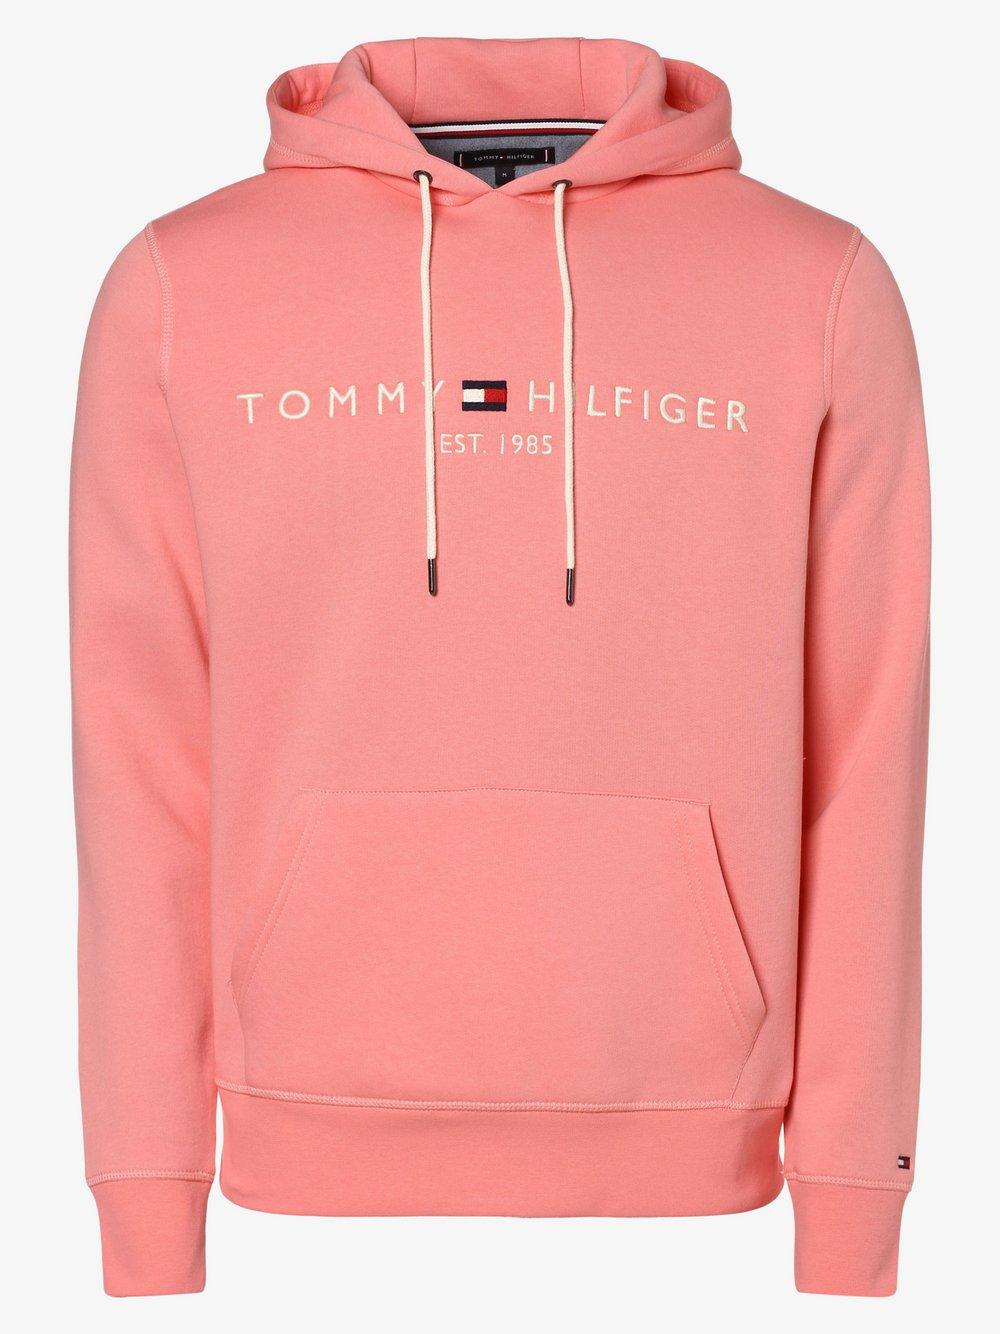 Tommy Hilfiger - Męska bluza nierozpinana, różowy